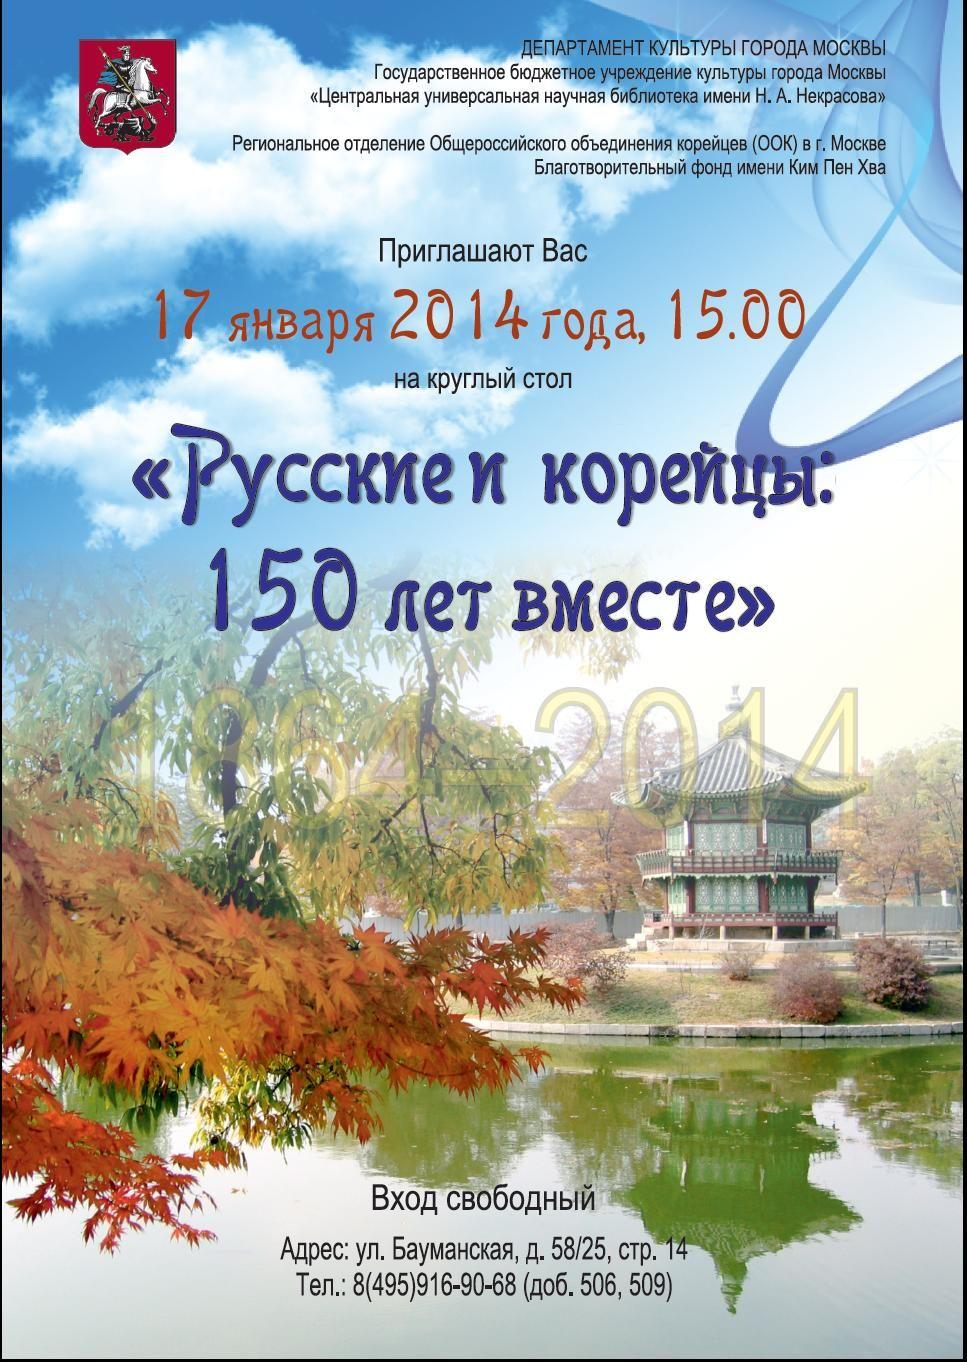 Феномен корейской адаптации: 150 лет в России